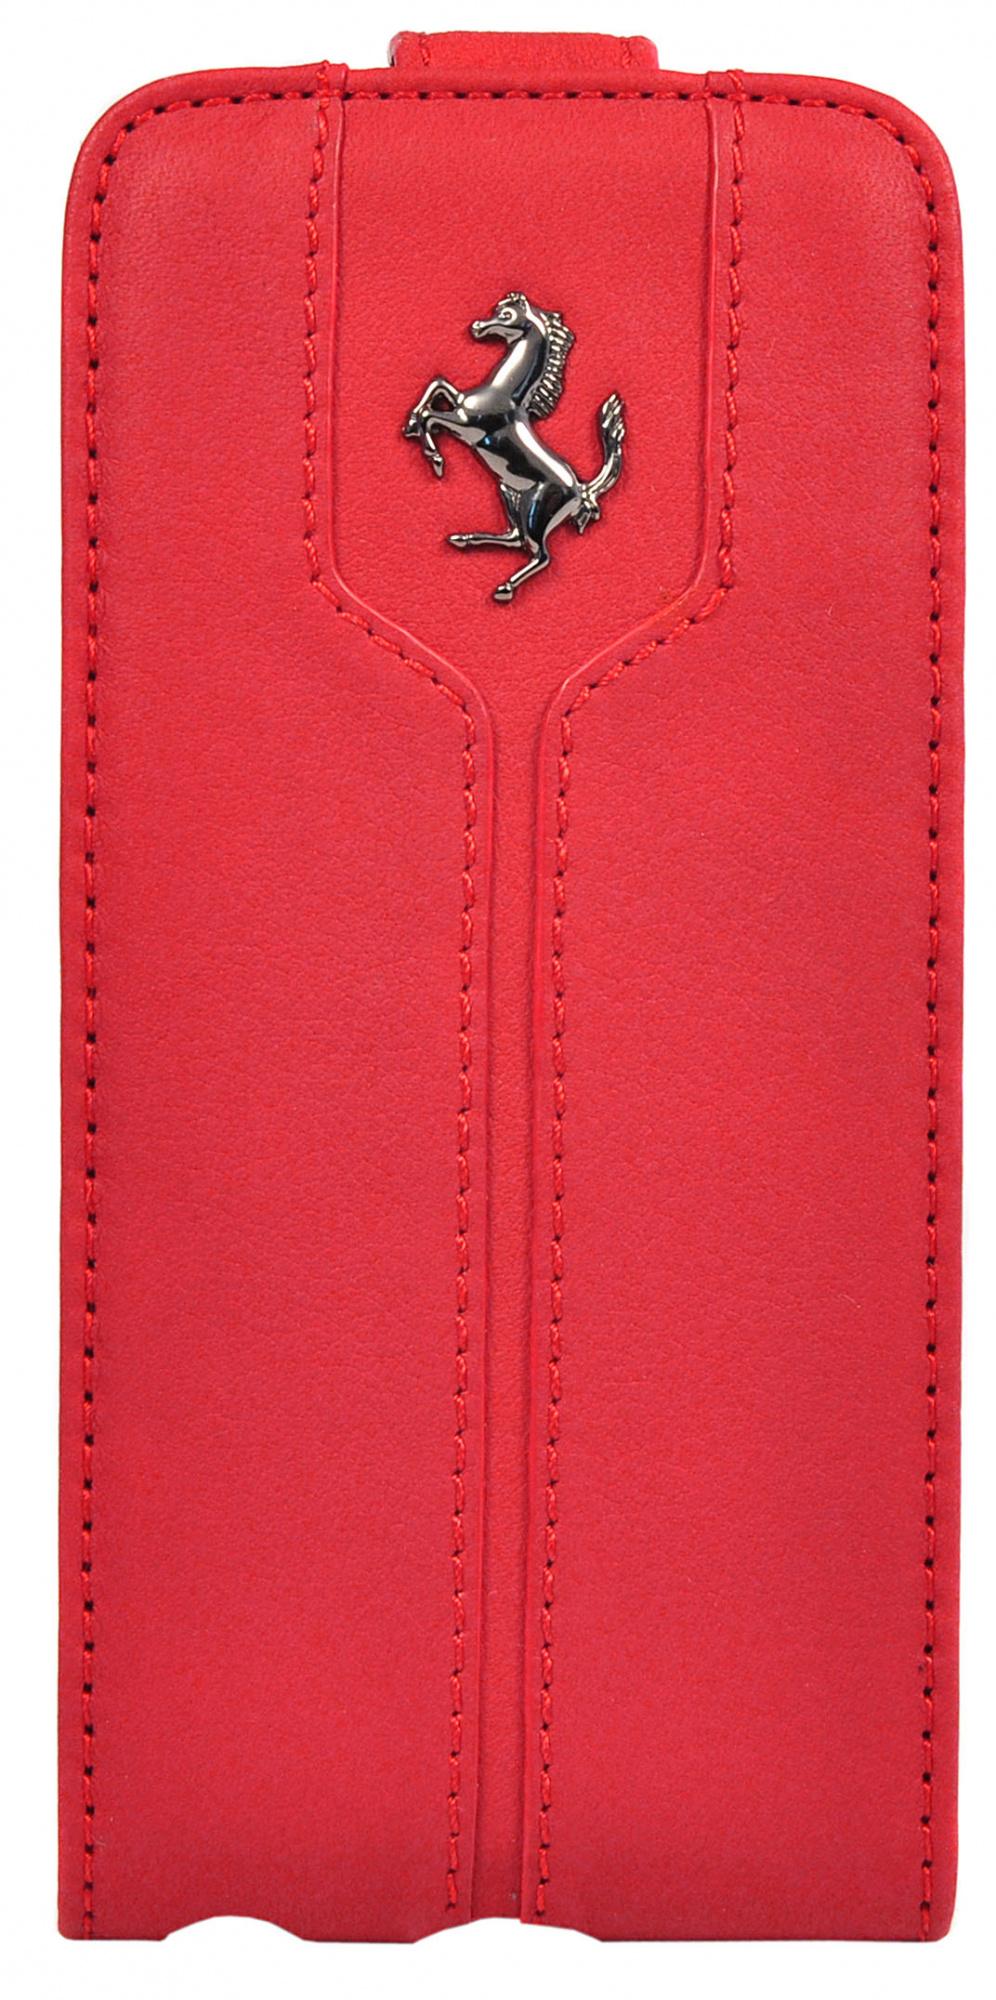 Купить Ferrari Montecarlo Flip (FEMTFLP5RE) - чехол для iPhone 5/5S/SE (Red)